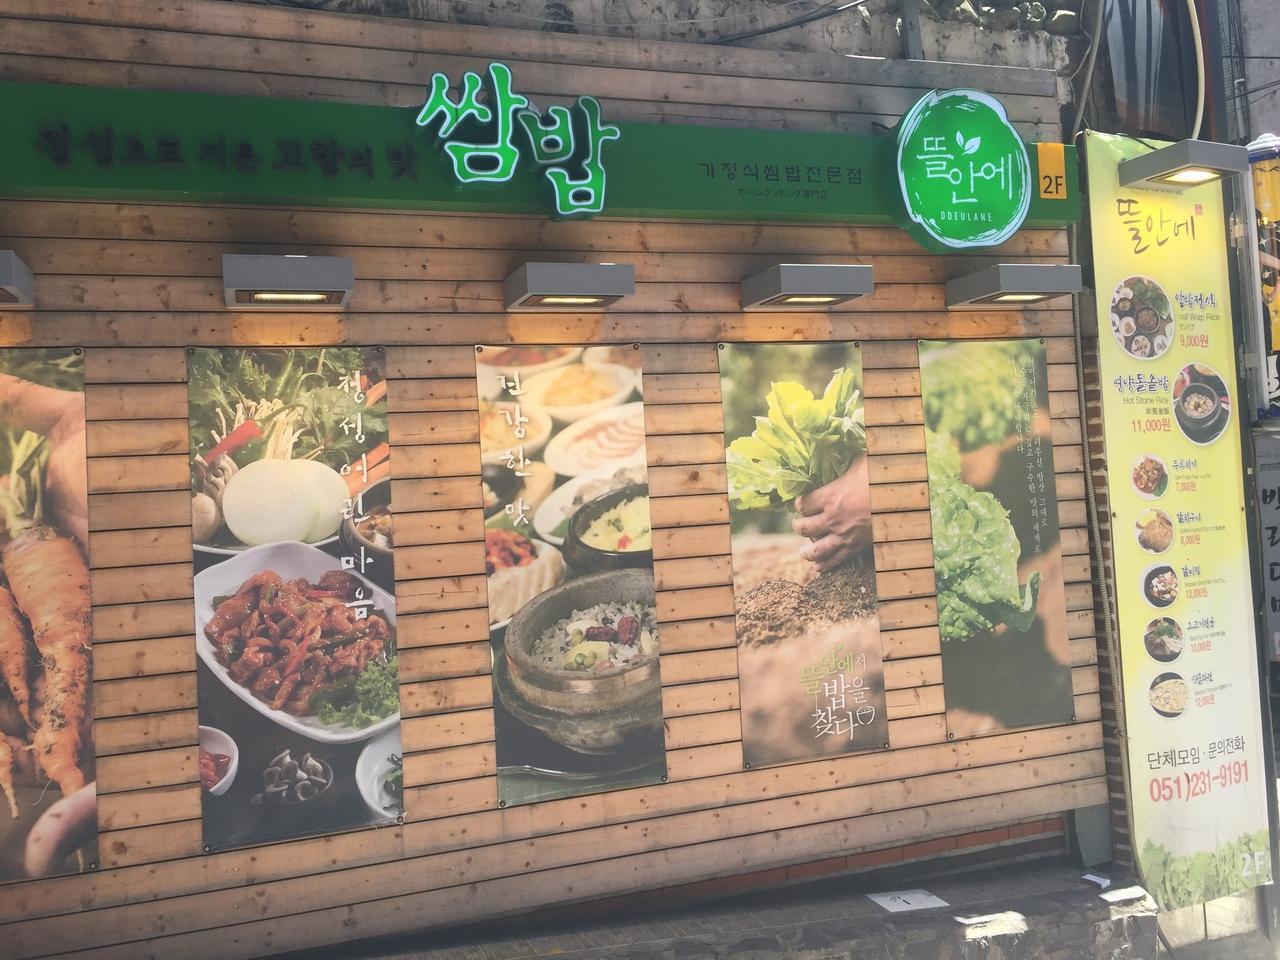 『夏休み☆ビートルで行く釜山旅』釜山(韓国)の旅行記・ブログ ...